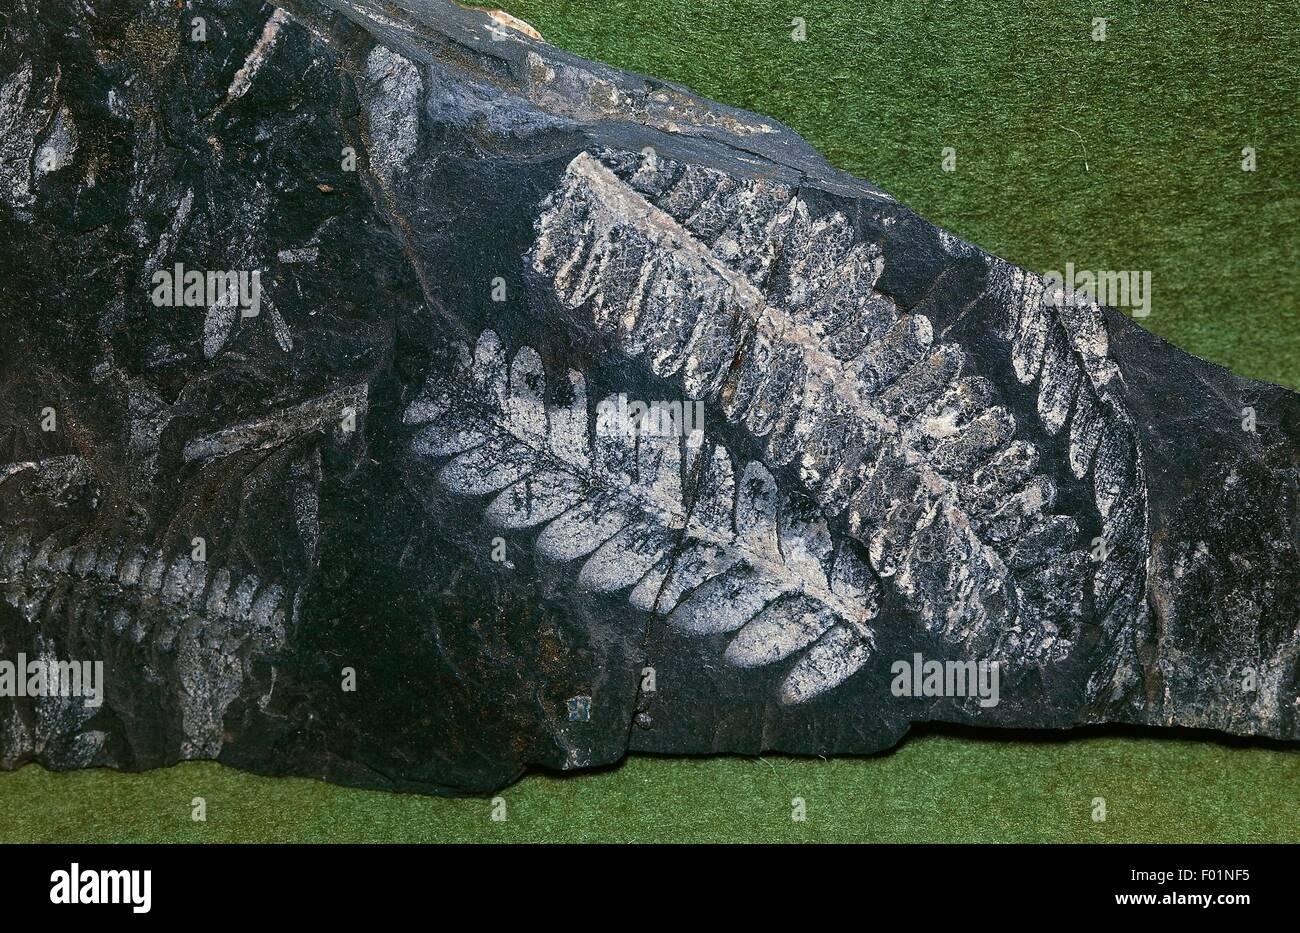 Impression de fossile fougère Pecopteris sp, Carbonifère, France. Photo Stock